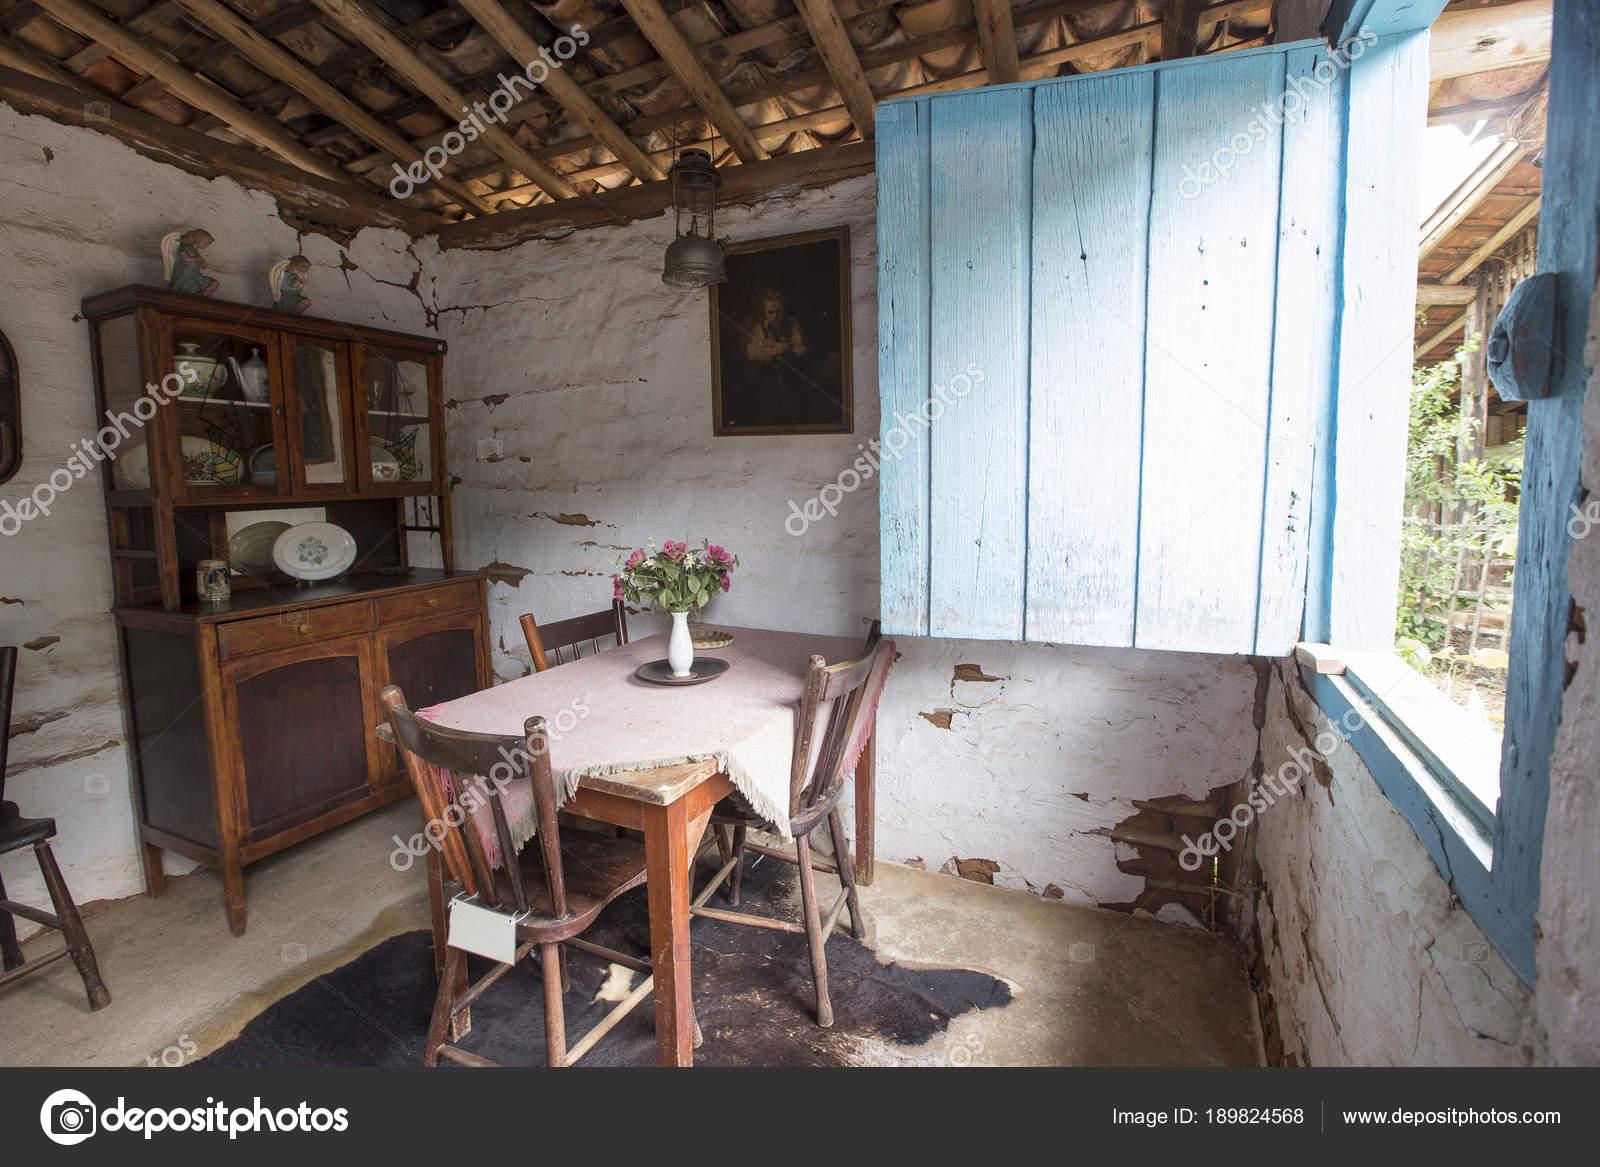 8a6191c2f04af Casa rural típica do interior do Brasil — Fotografia de Stock ...